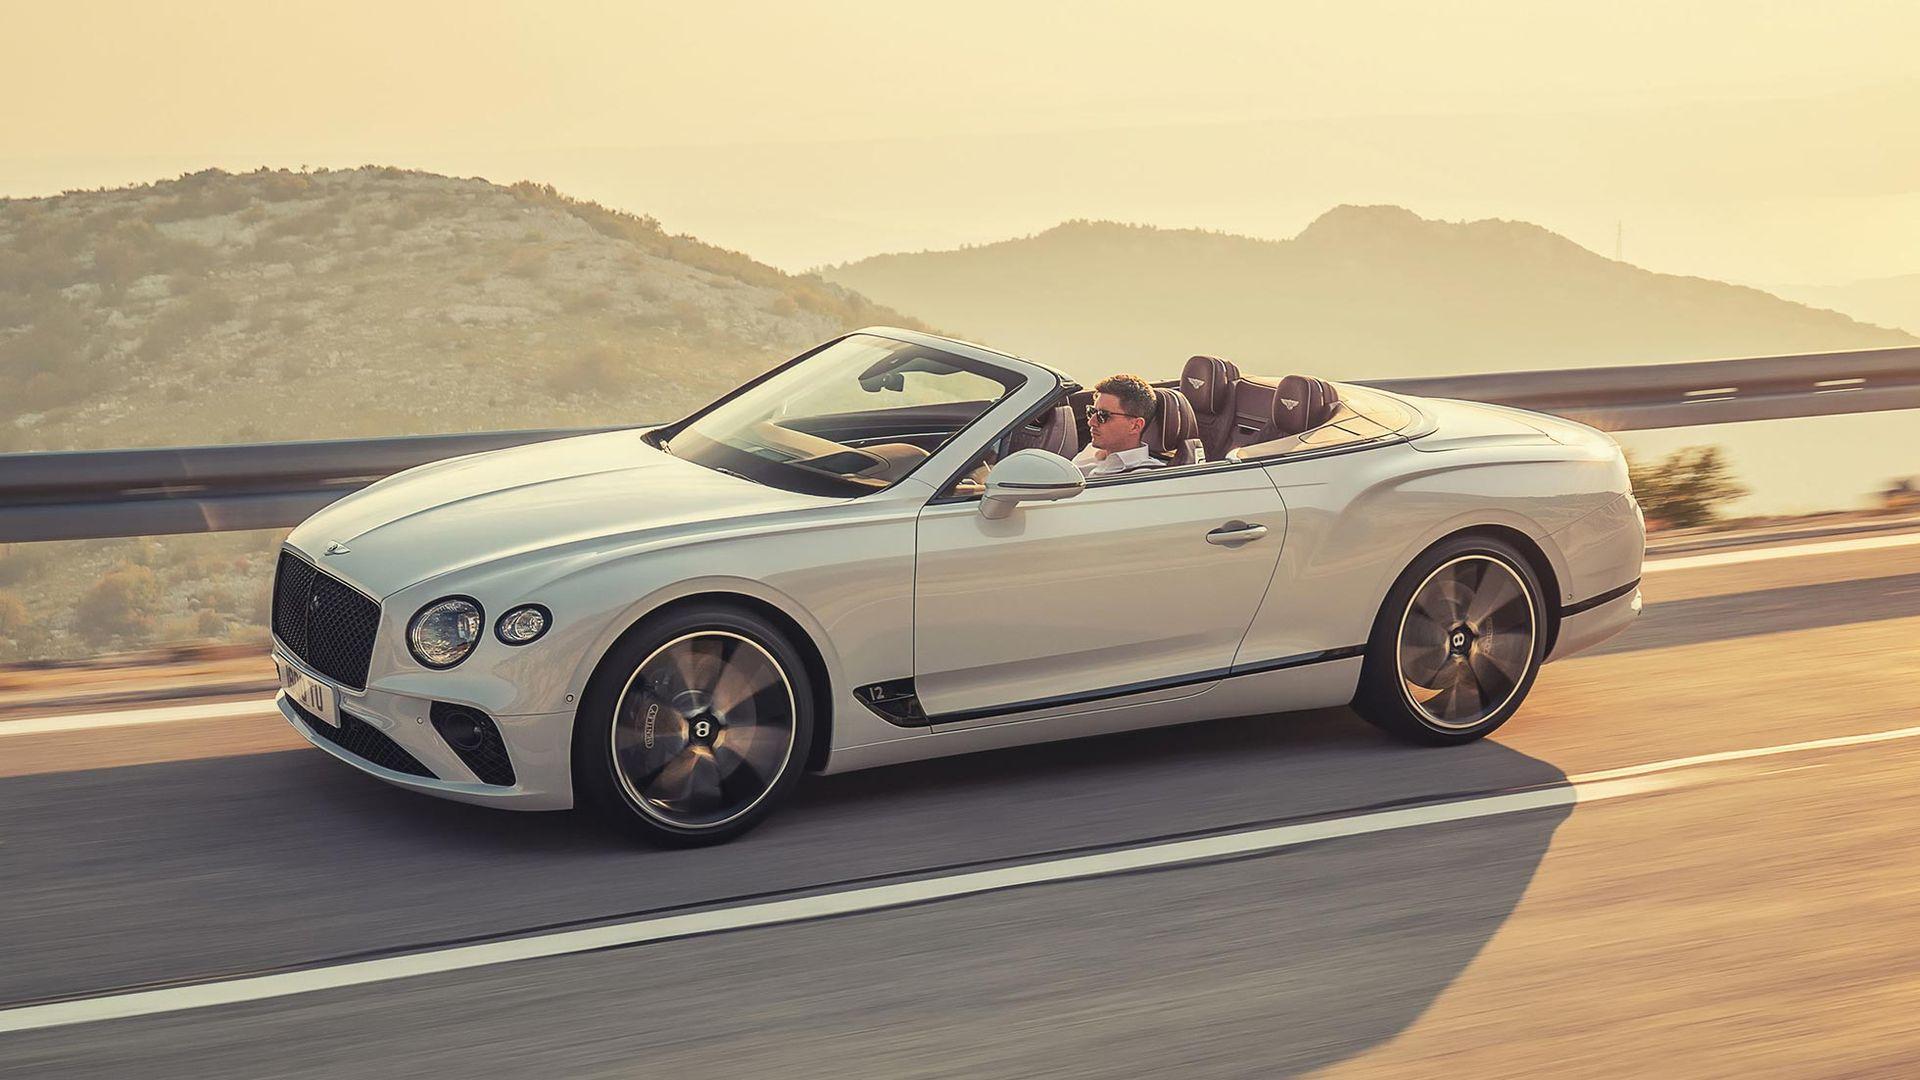 Det här är Bentley Continental GT utan tak